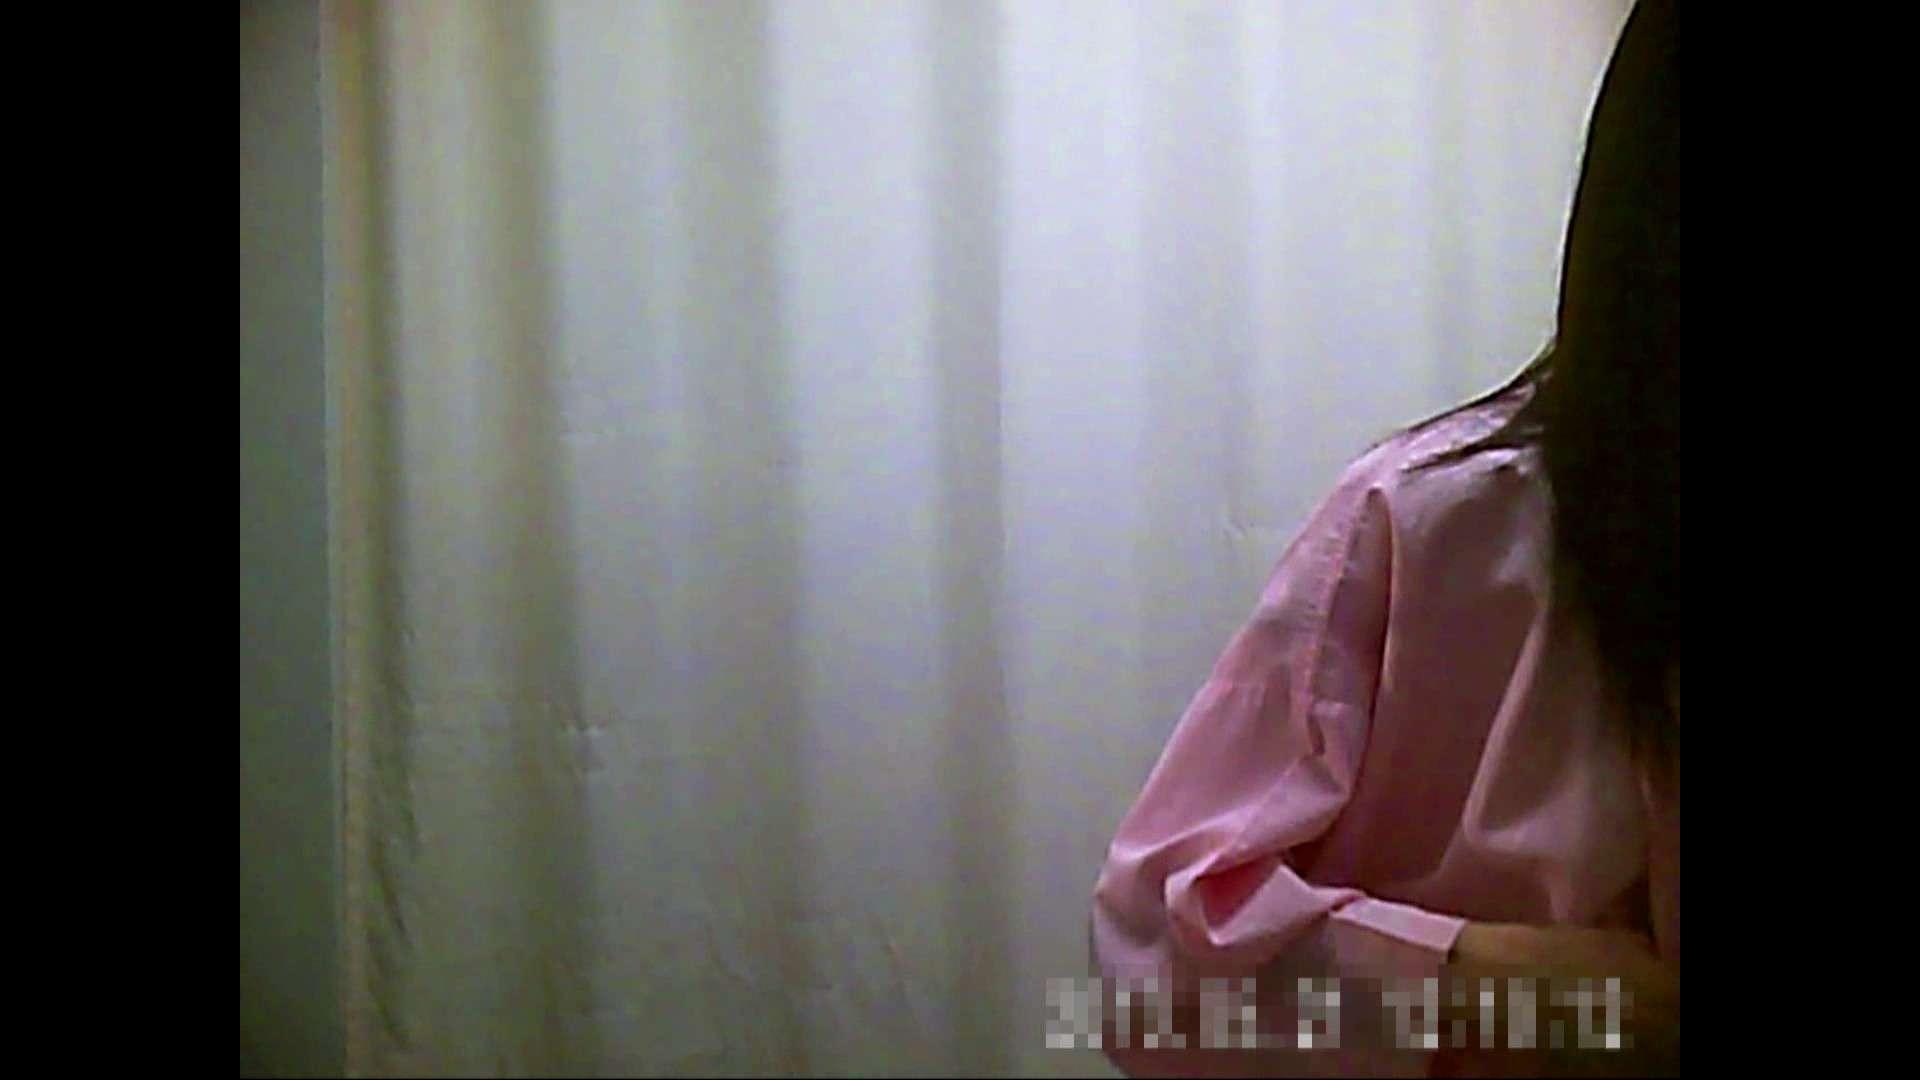 元医者による反抗 更衣室地獄絵巻 vol.046 OLハメ撮り  44Pix 29